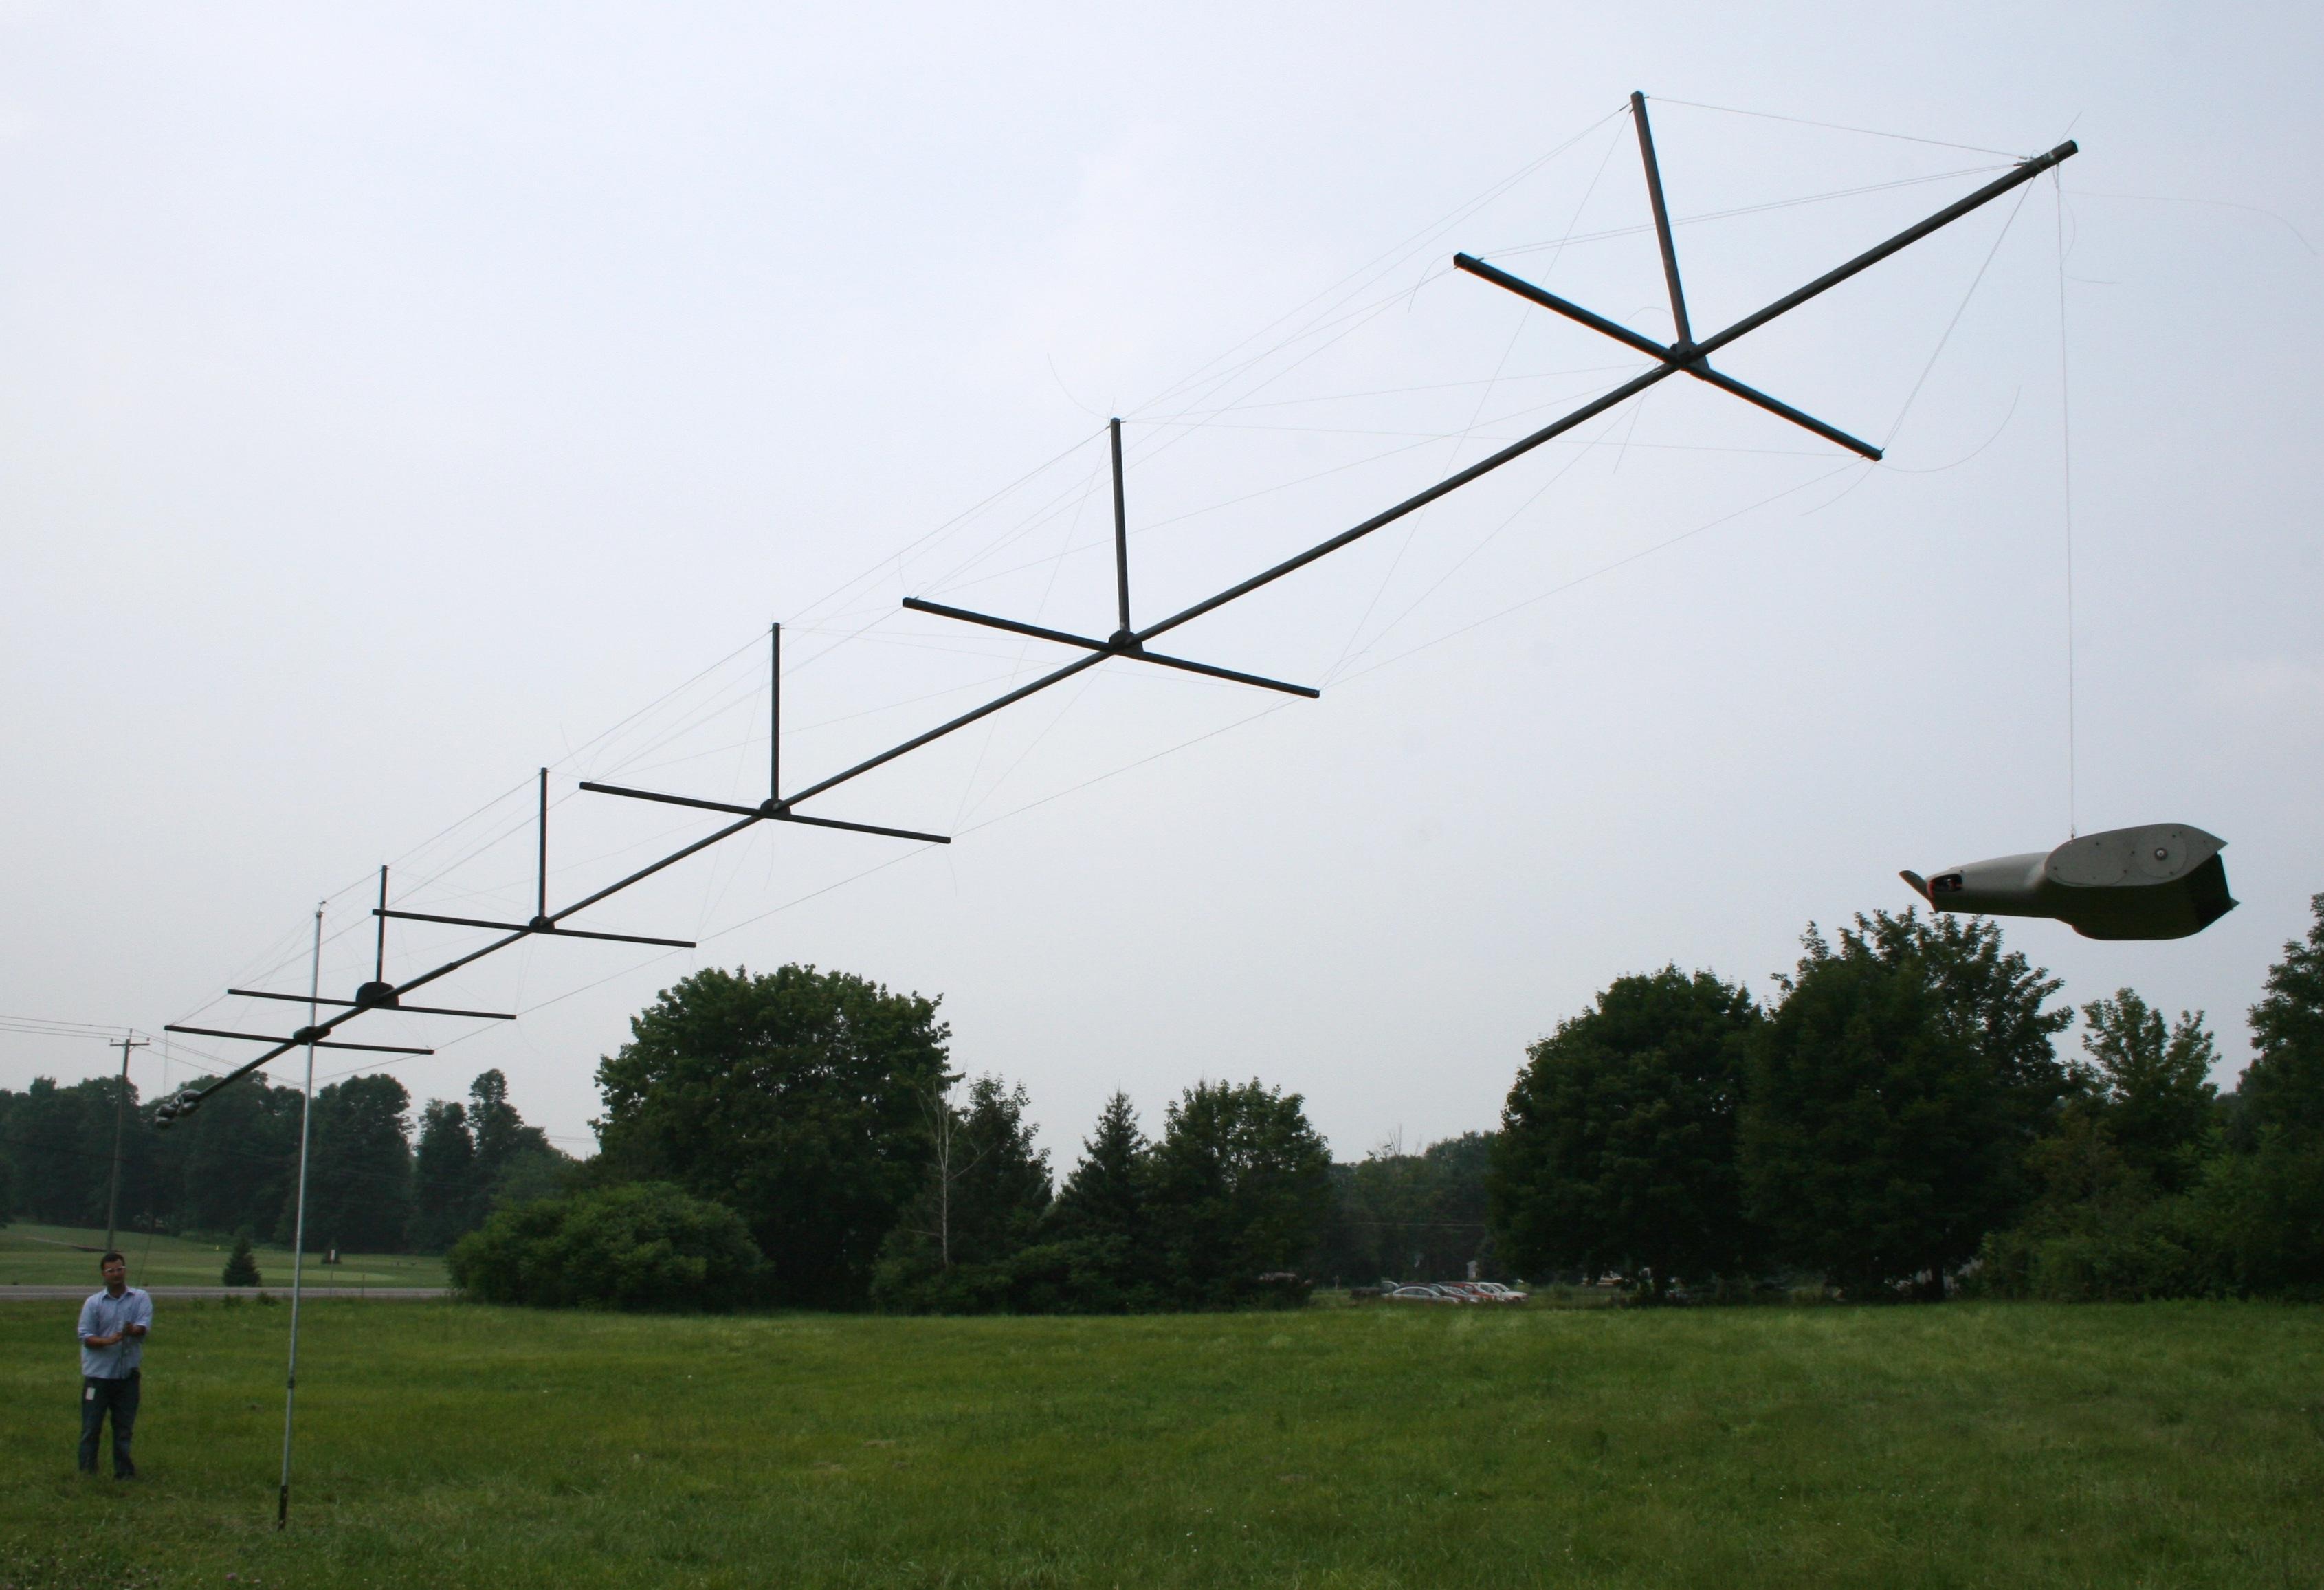 UAV Truss